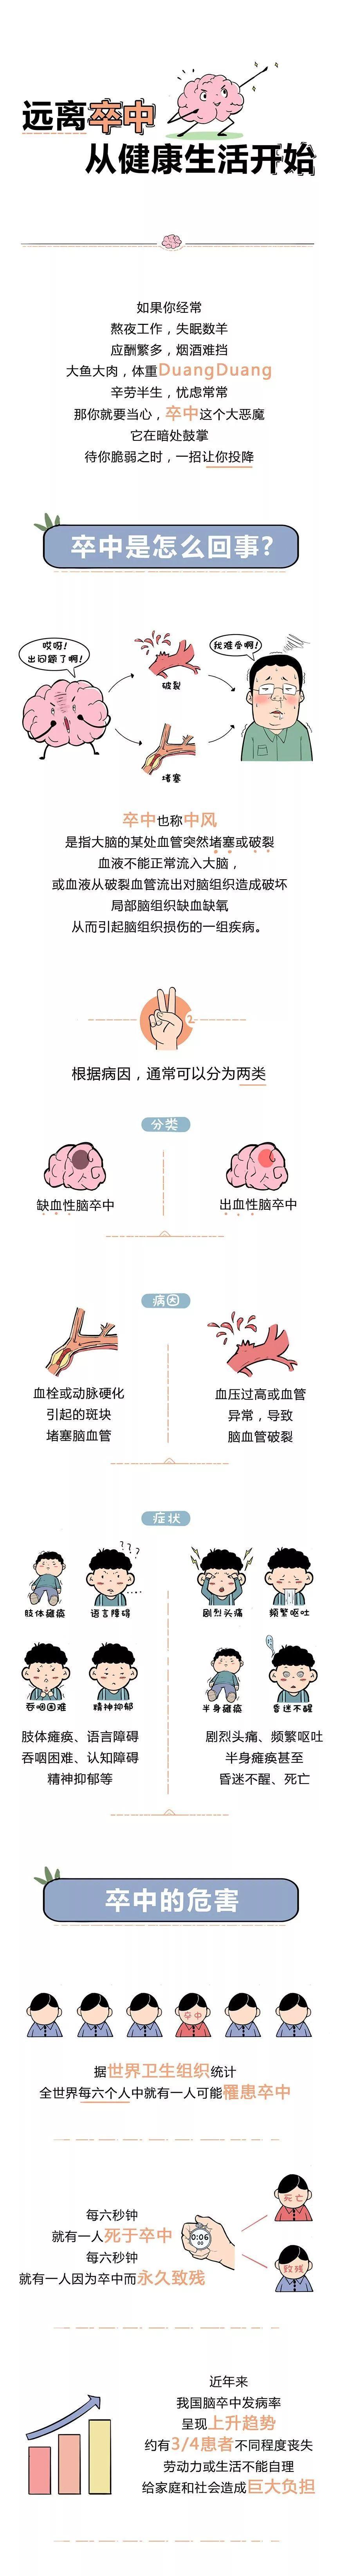 上海助孕一图教您预防卒中,早知早受益!